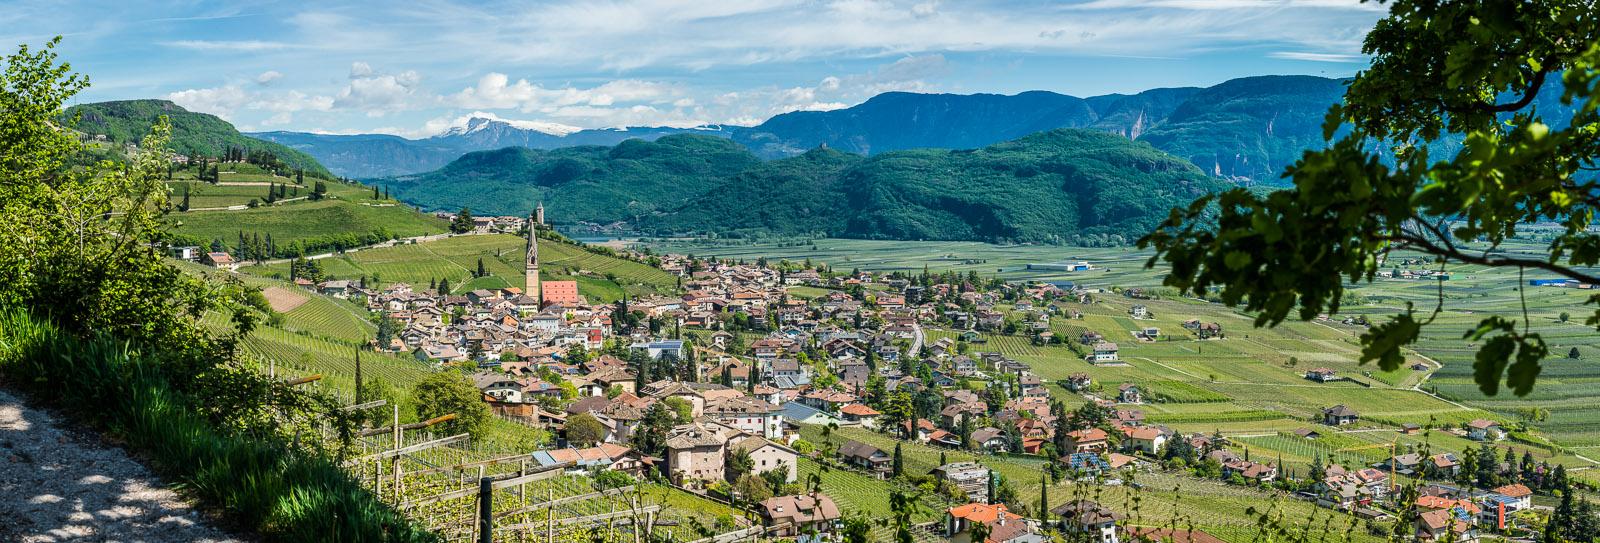 Das Weindorf Tramin mit Kalterer See im Frühling